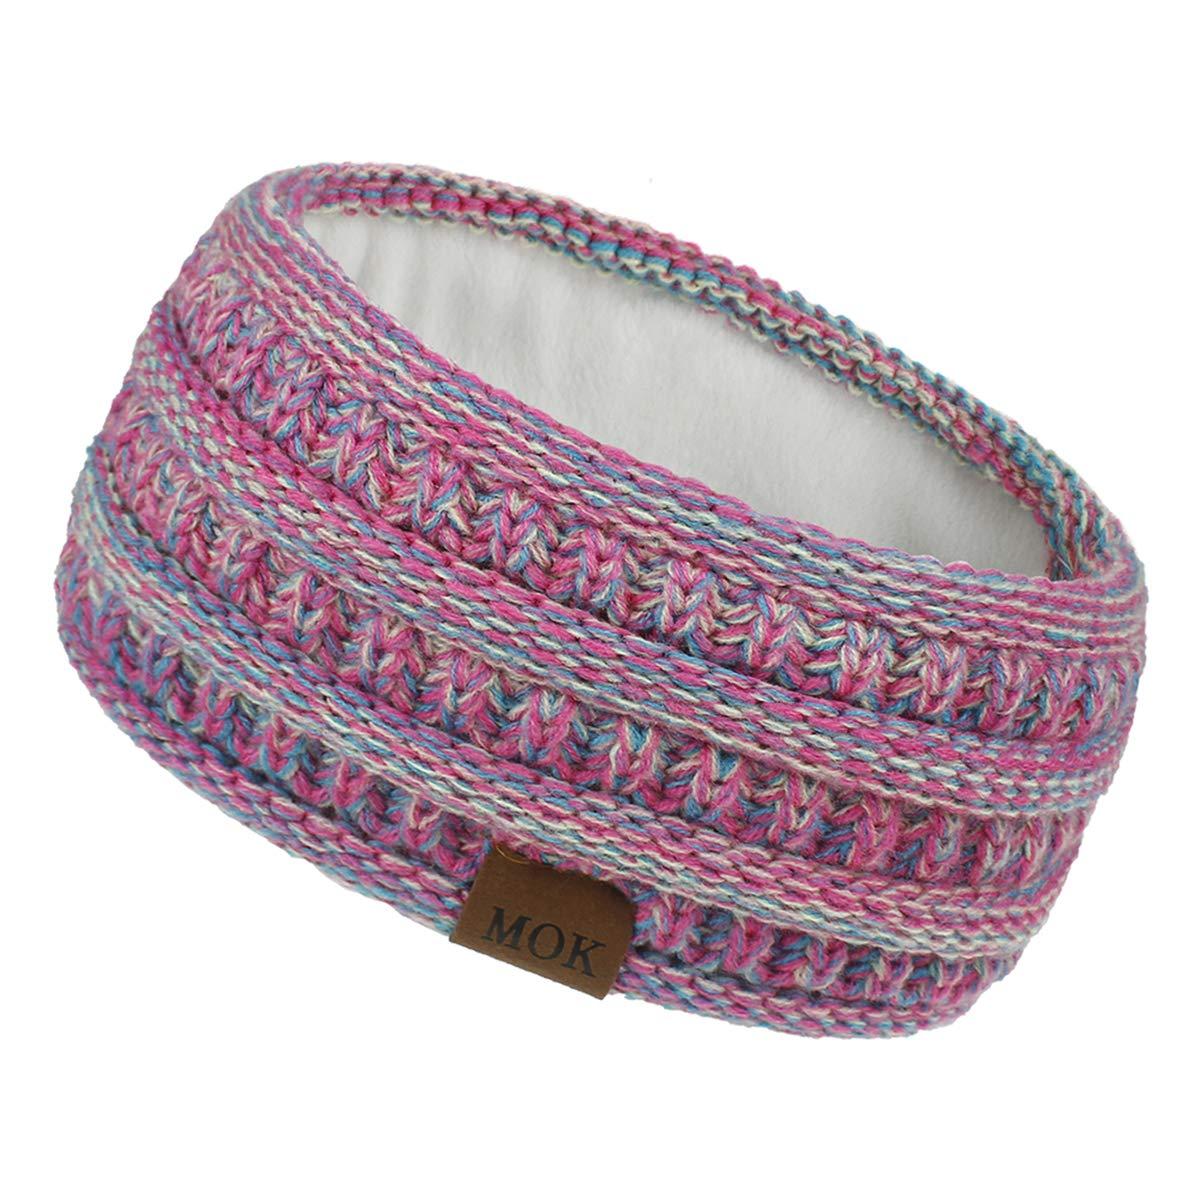 Camidy Knit Ear Warmer Headband for Women, Winter Warm Fleece Lined Headband Head Wrap